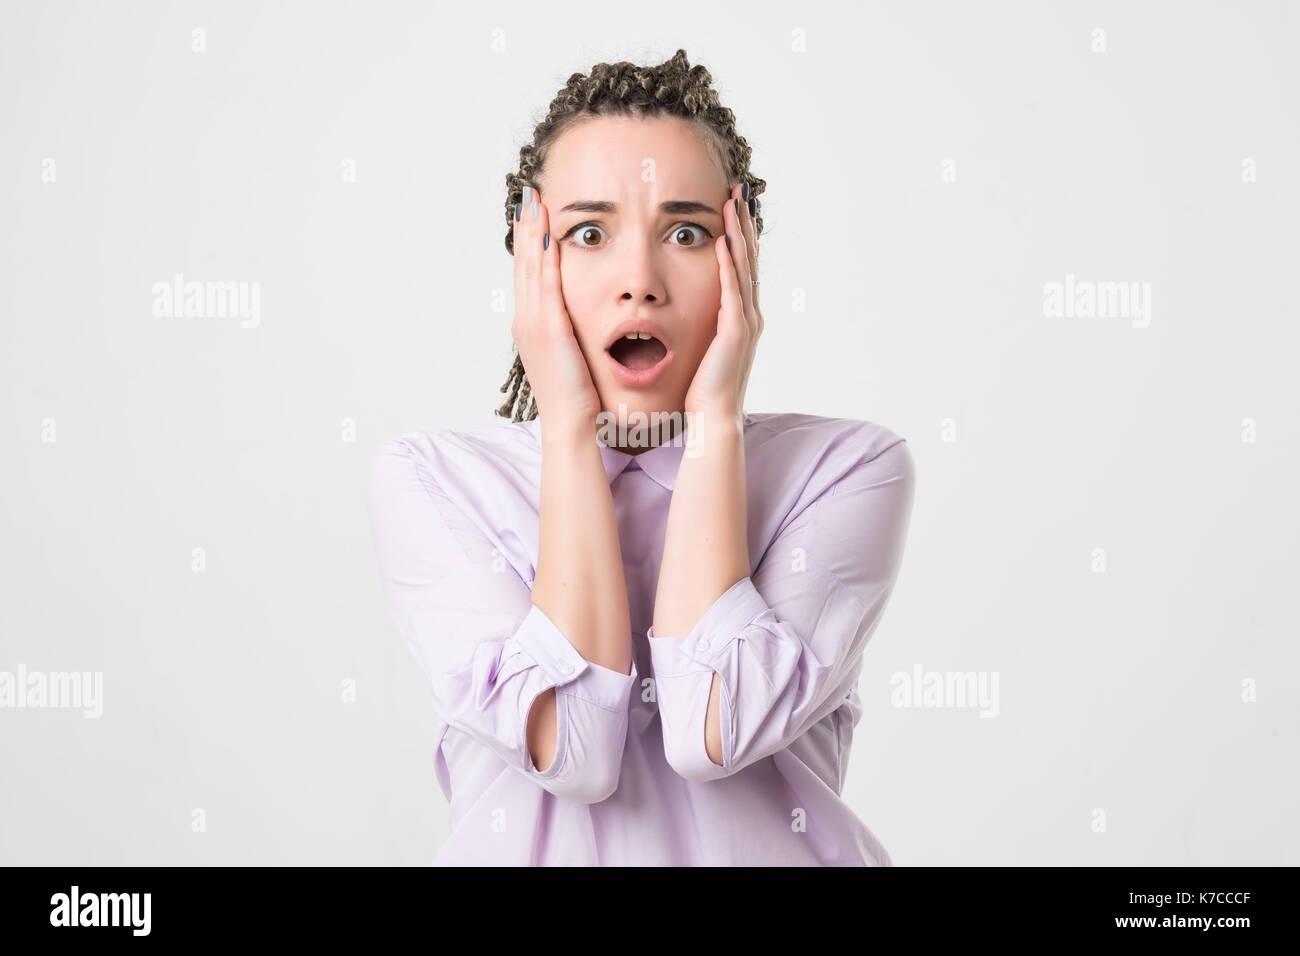 Junge entsetzt Frau ihren Mund schließen mit Händen auf weißem ...